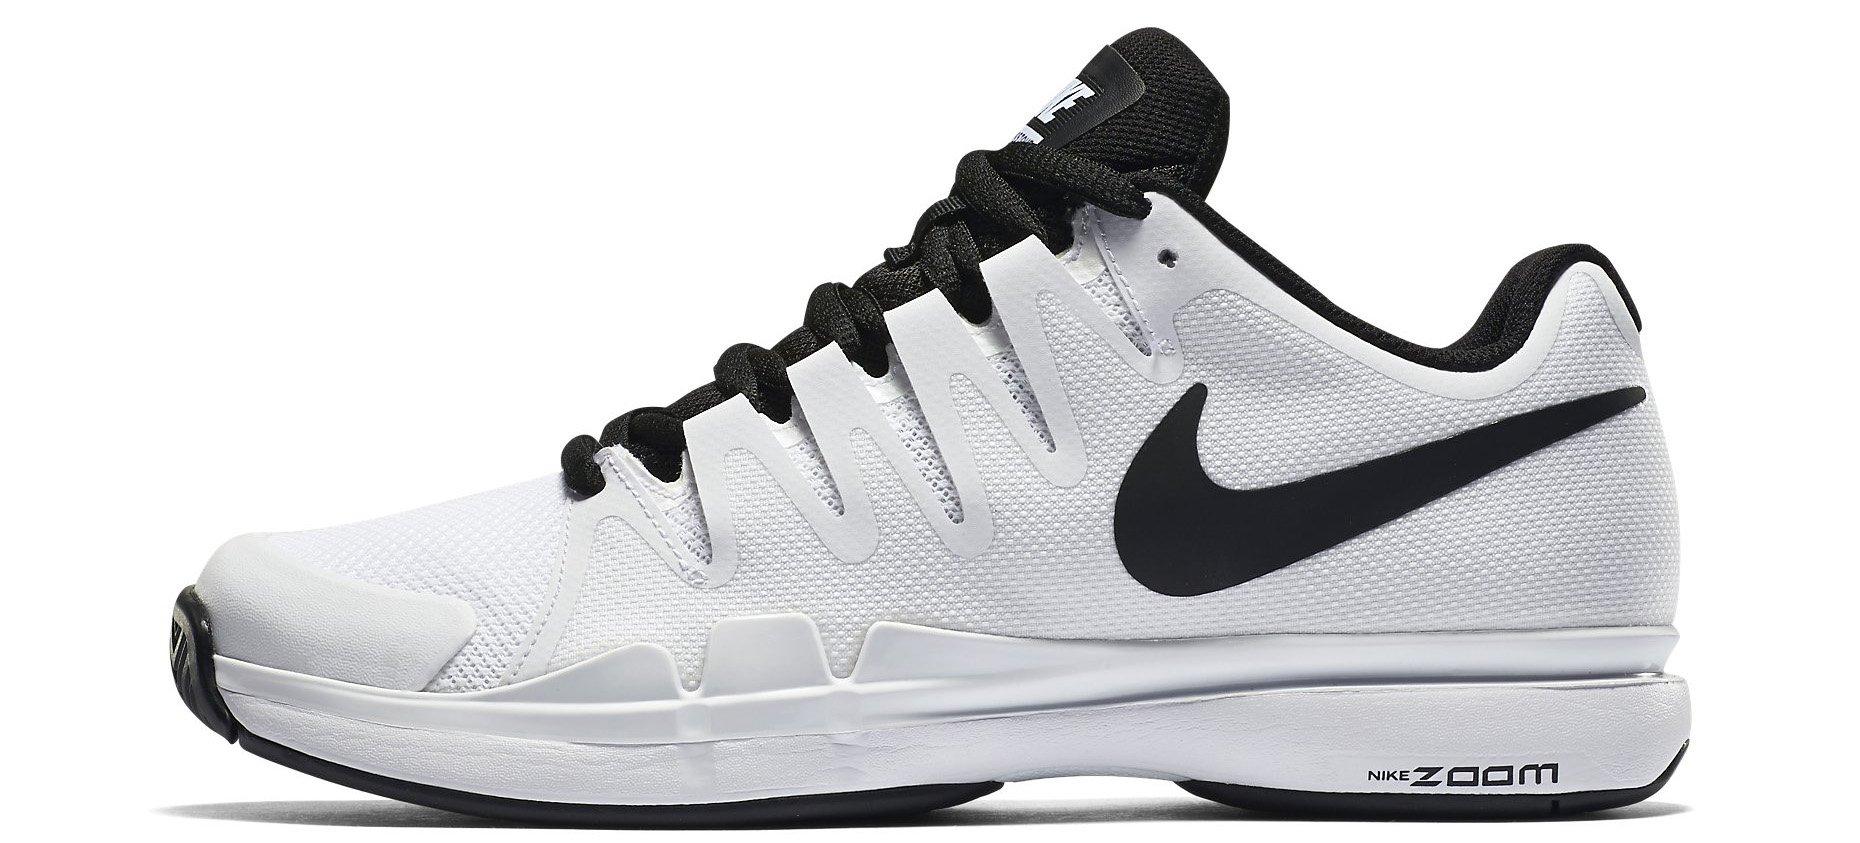 Boty Nike Zoom Vapor 9.5 Tour